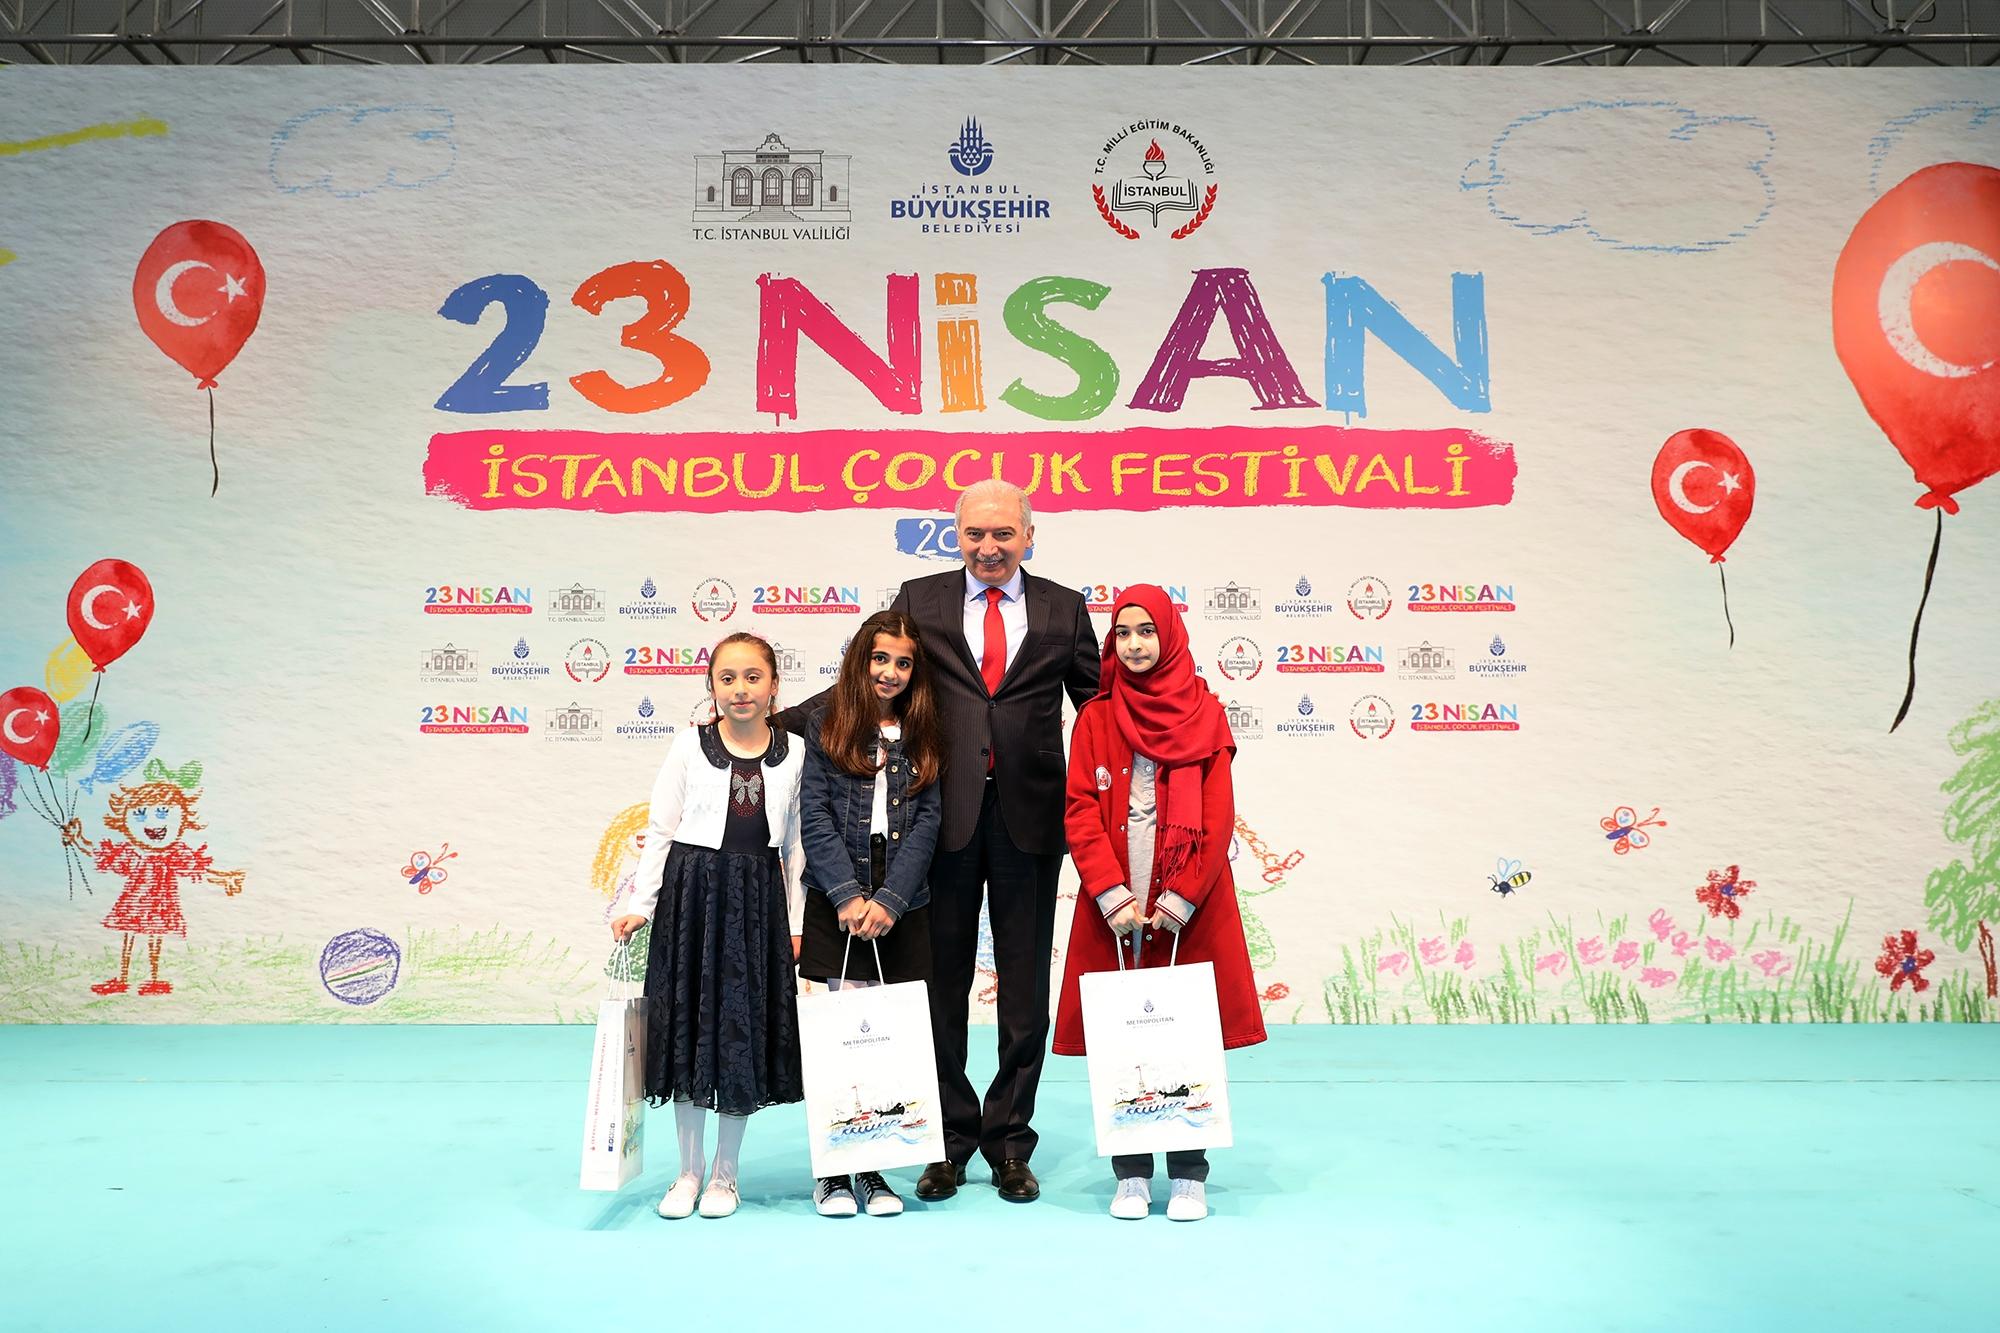 Konuşan Trafik Çocuk Oyunu Kadıköy Halk Eğitim Merkezi'nde 30